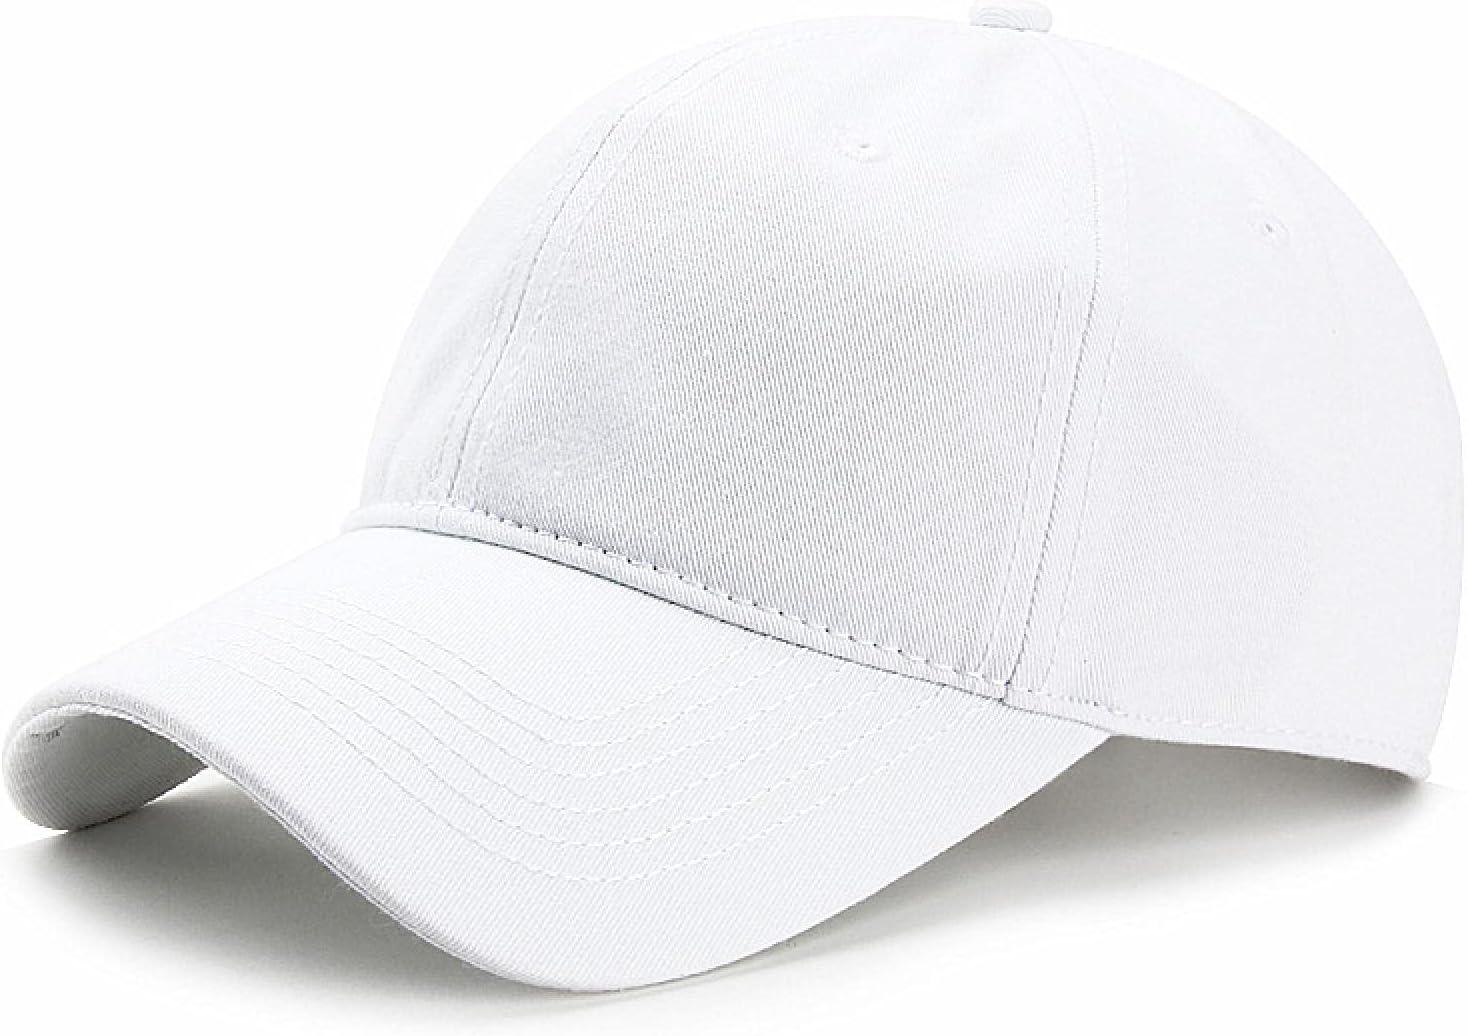 WSMYG Sombrero De Béisbol para Hombre Tallas Grandes Gorras De Talla Grande para Mujer Sombreros para El Sol con Capota Blanda para Mujer Tamaño Estándar (56-60 Cm) Blanco